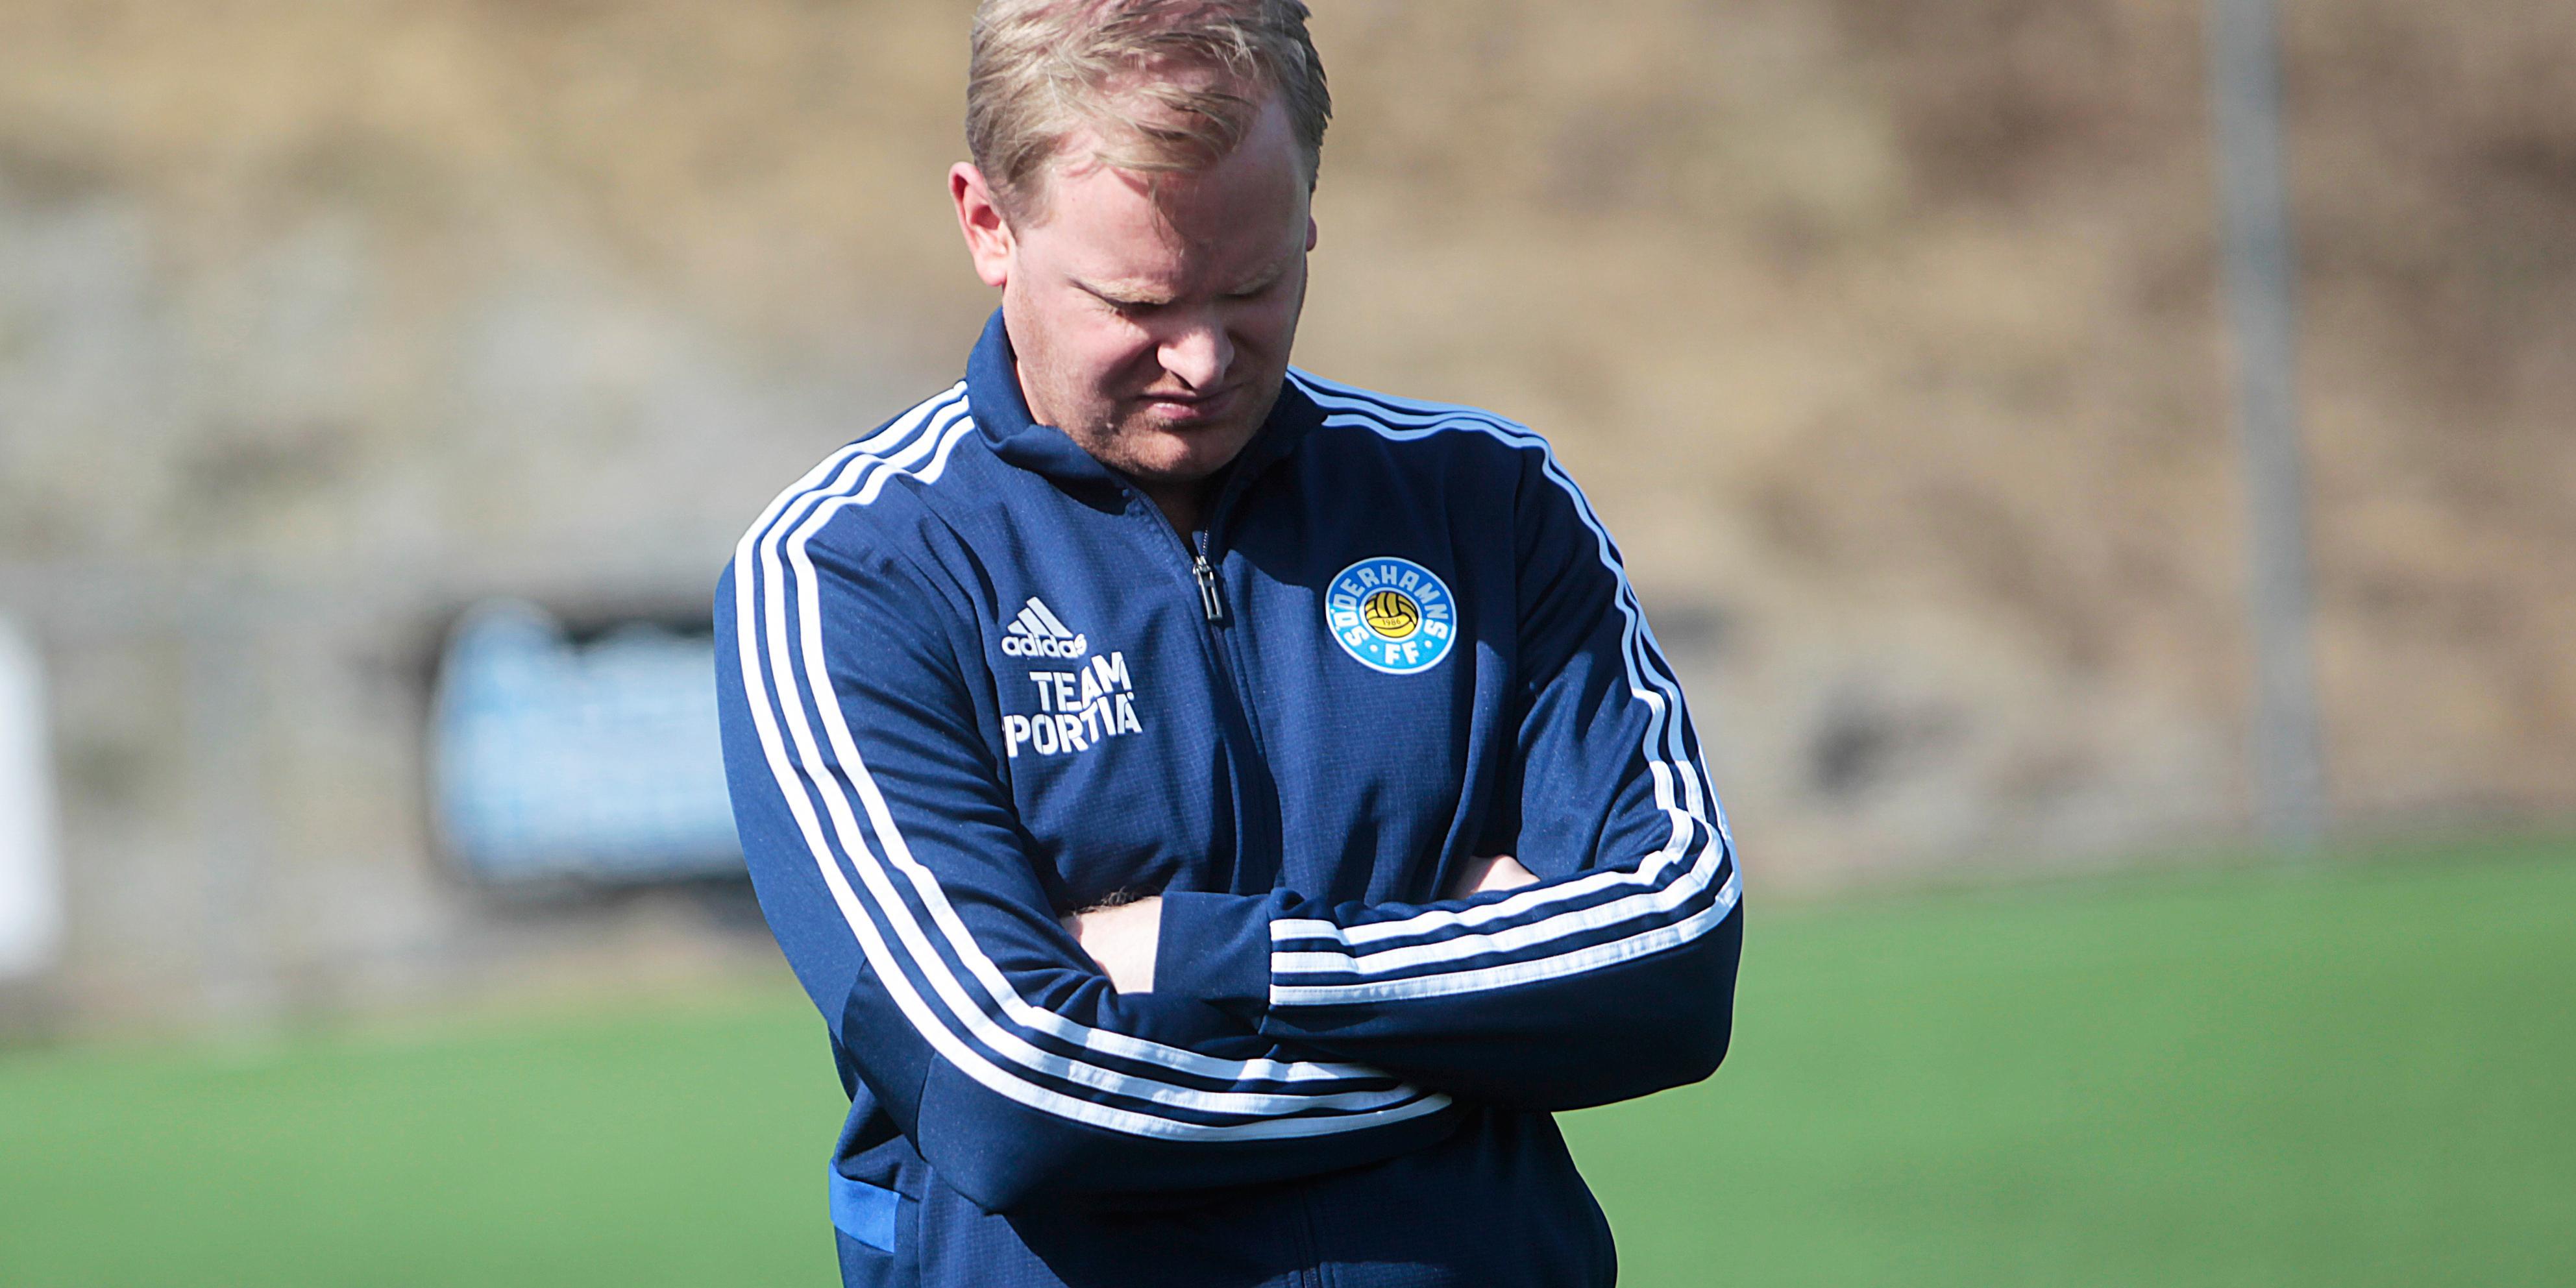 Fortsatt tungt för Söderhamn – tränaren rejält självkritisk efter förlusten: